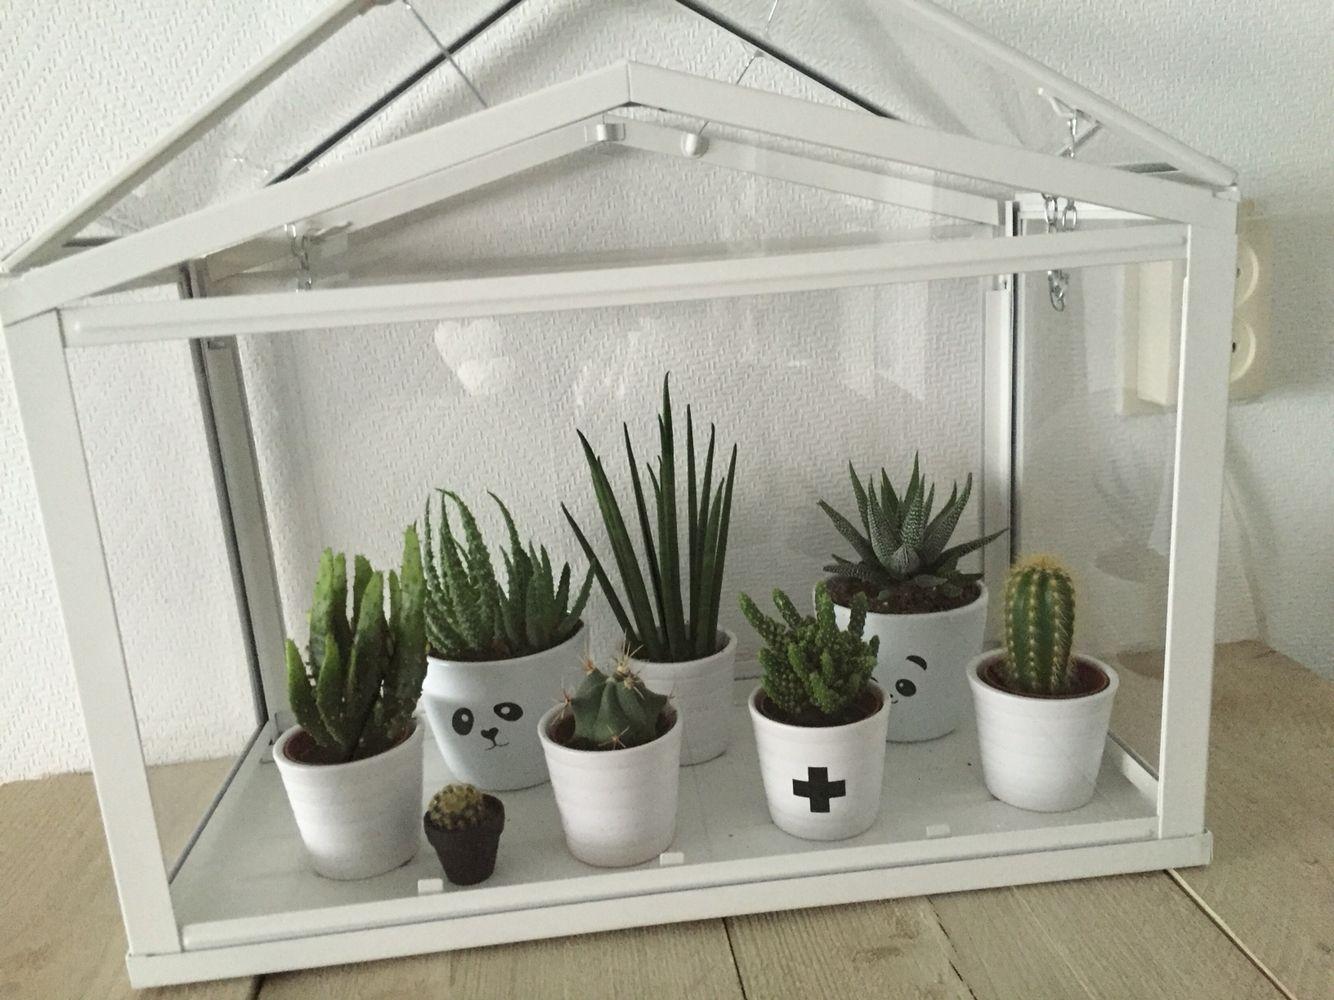 Zwart wit wonen ➕ cactus 🌵 huis